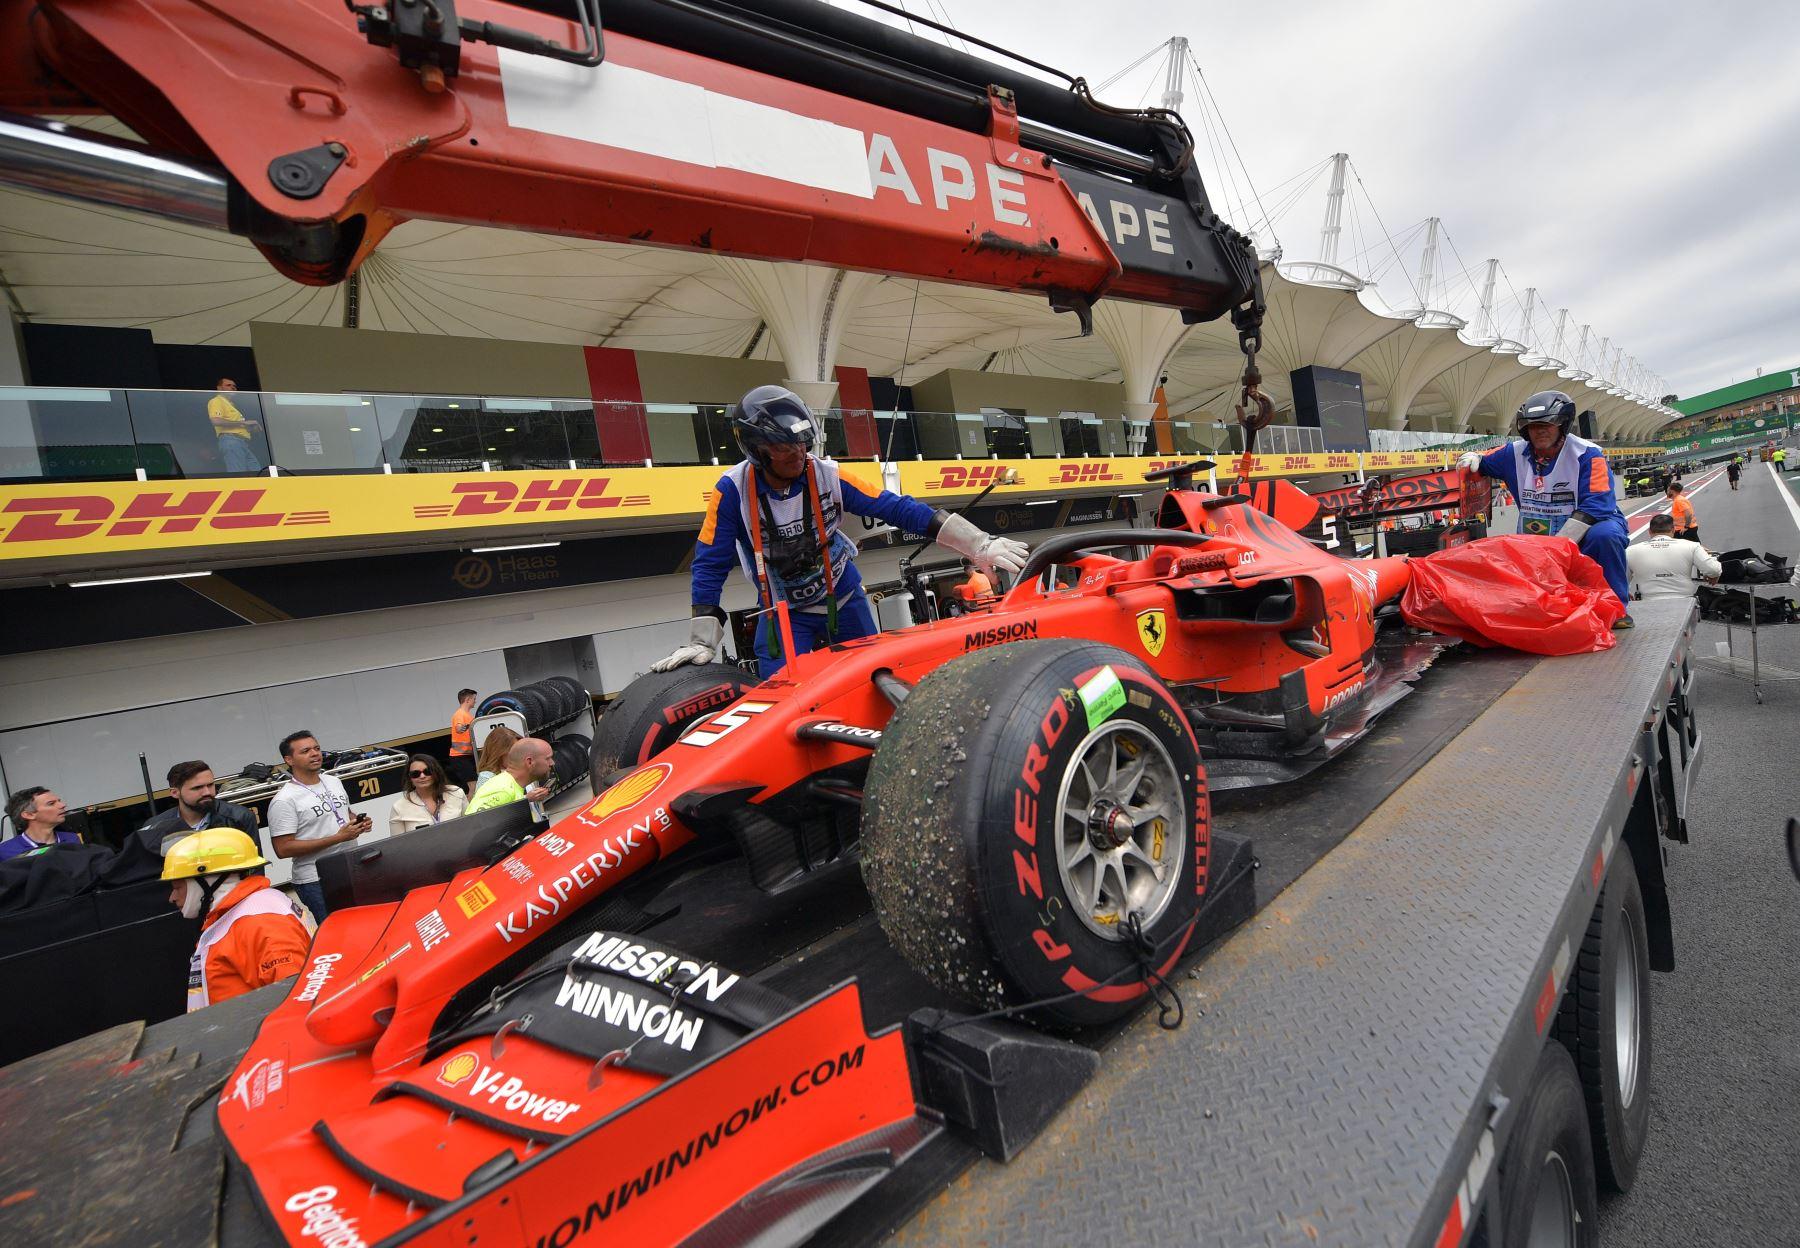 El auto dañado del piloto alemán de Ferrari, Sebastian Vettel, llega en cajas durante el Gran Premio de F1 de Brasil, en el hipódromo de Interlagos en Sao Paulo. Foto: AFP